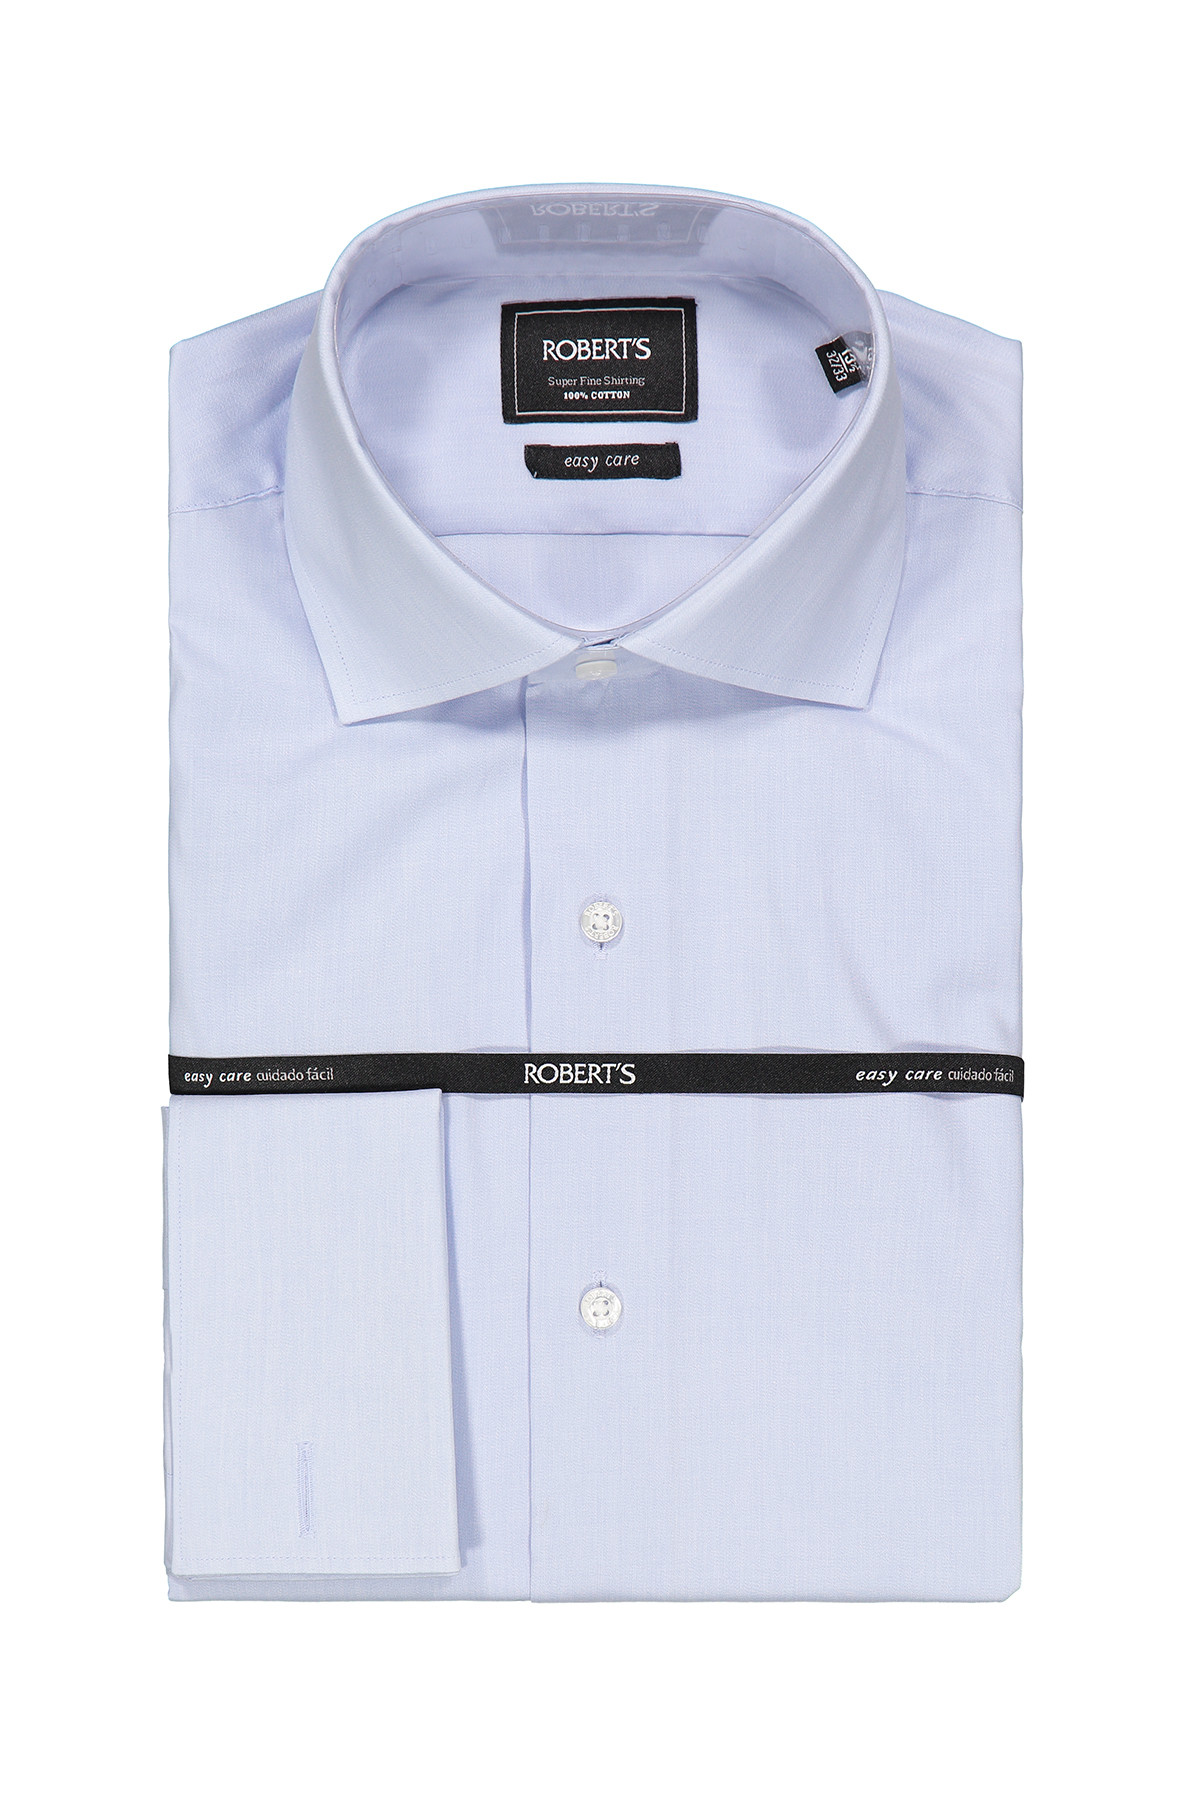 """Camisa Robert´s, slim fit, Easy Care"""" poplin celeste liso, puño doble."""